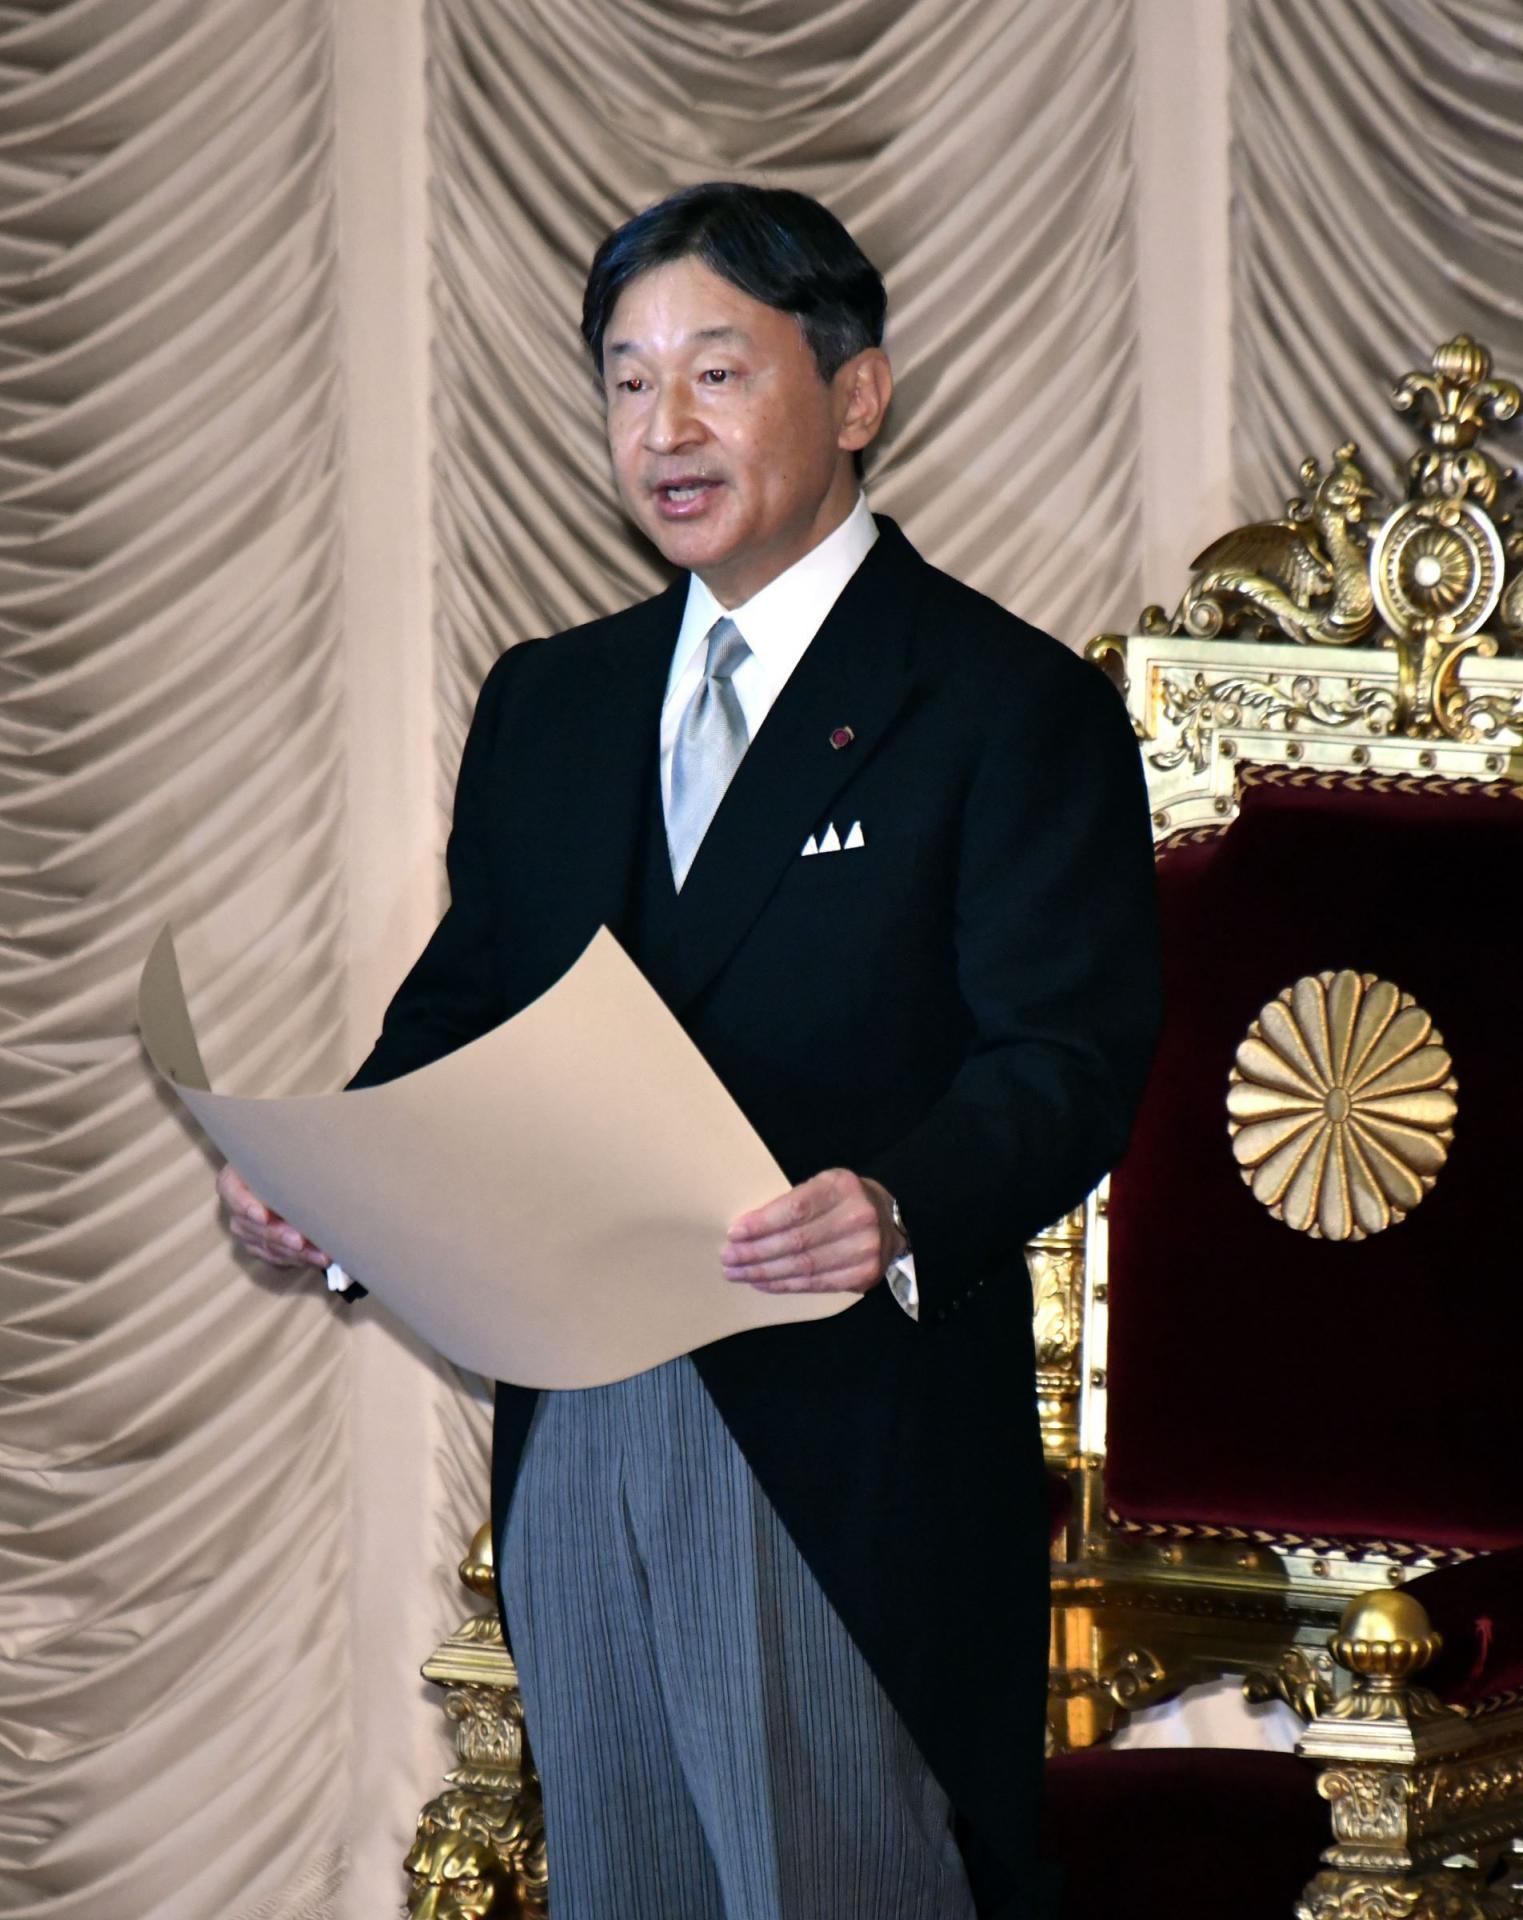 L empereur naruhito